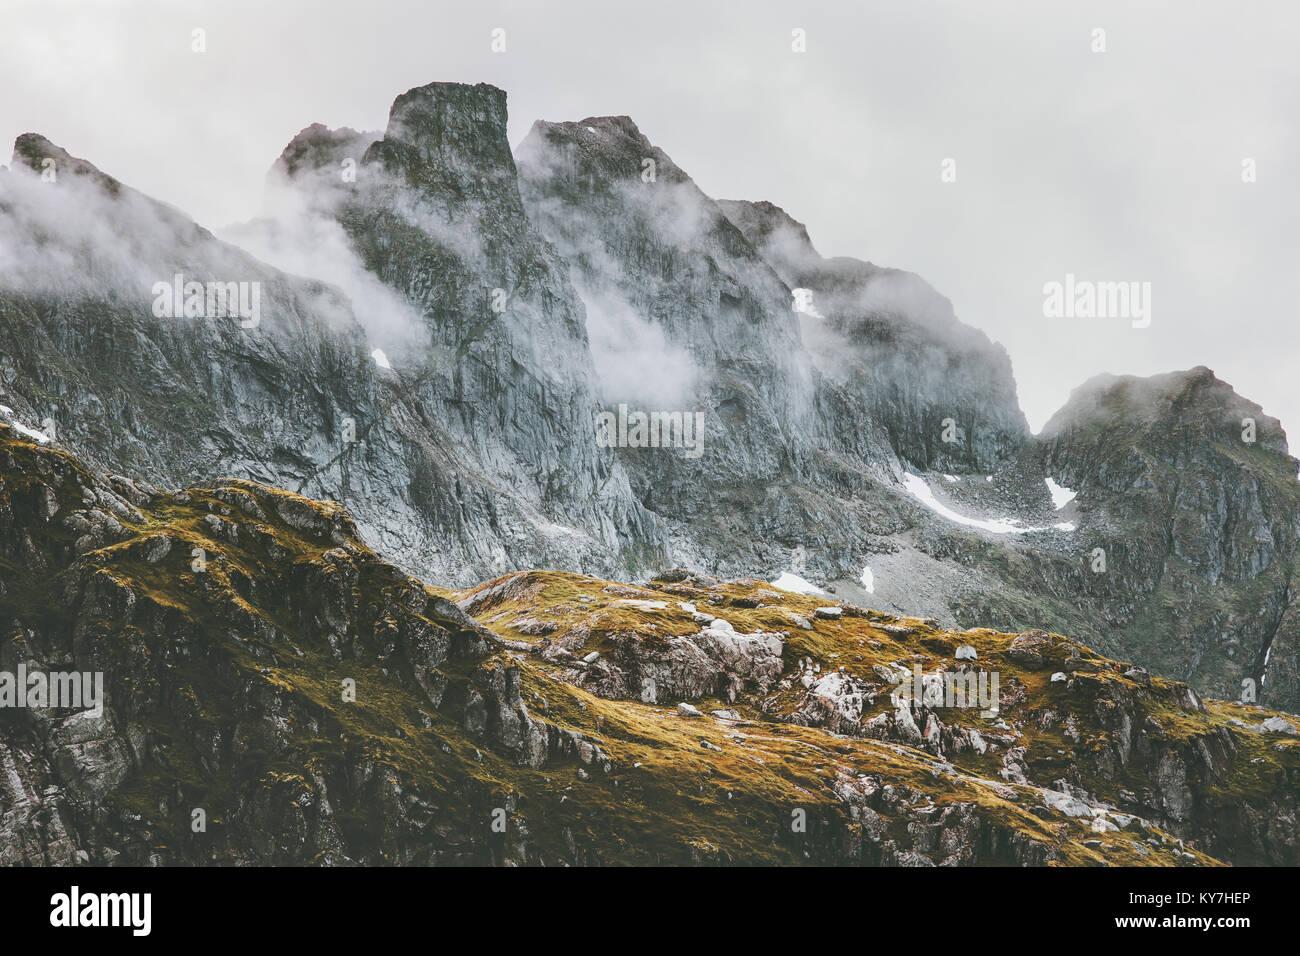 Paysage des Montagnes Rocheuses en Norvège randonnée voyage scandinave nature sauvage Photo Stock